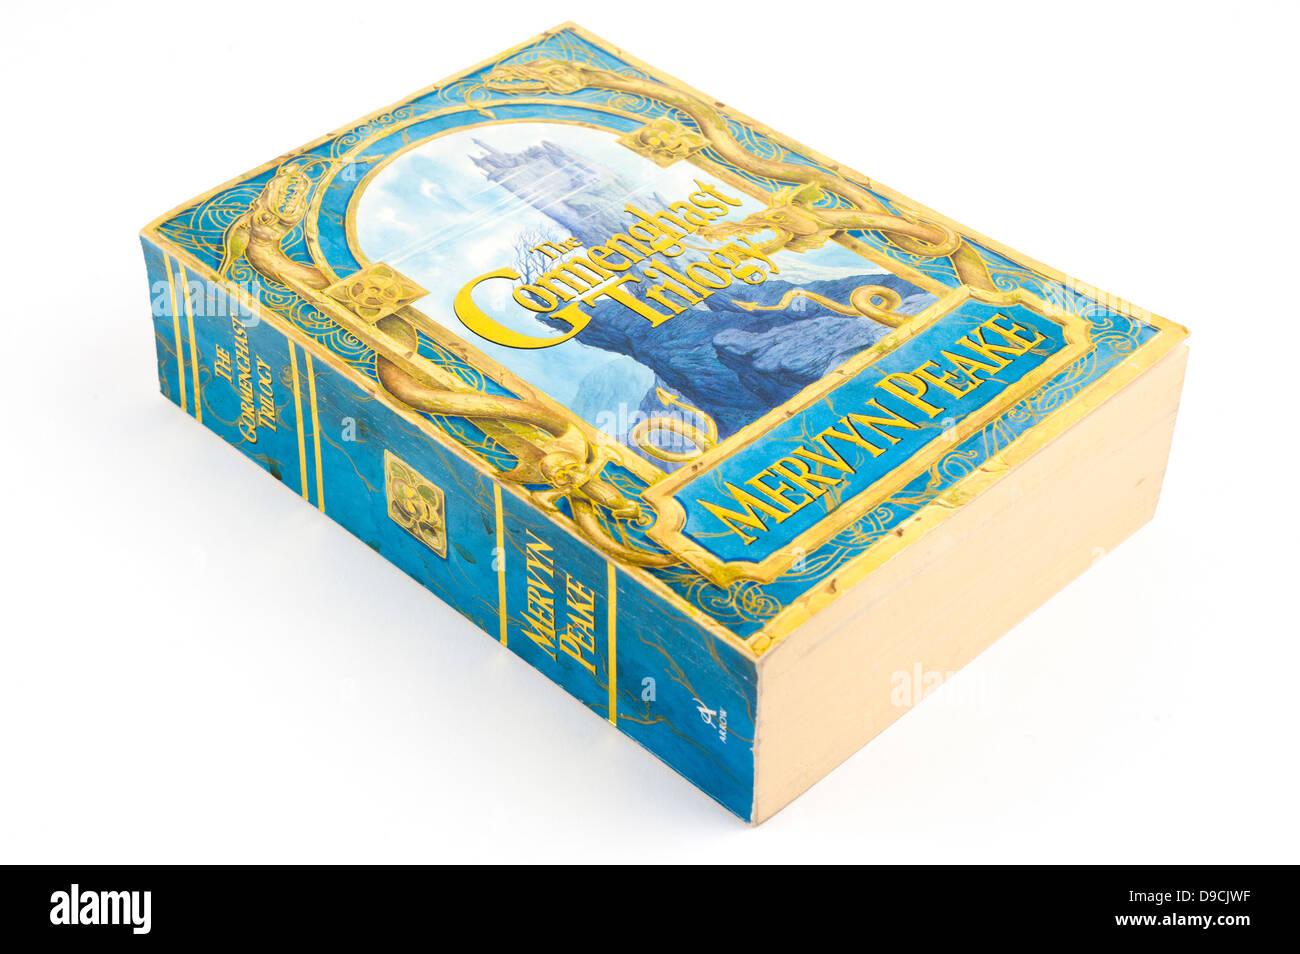 The Gormenghast Trilogy by Mervyn Peake. - Stock Image